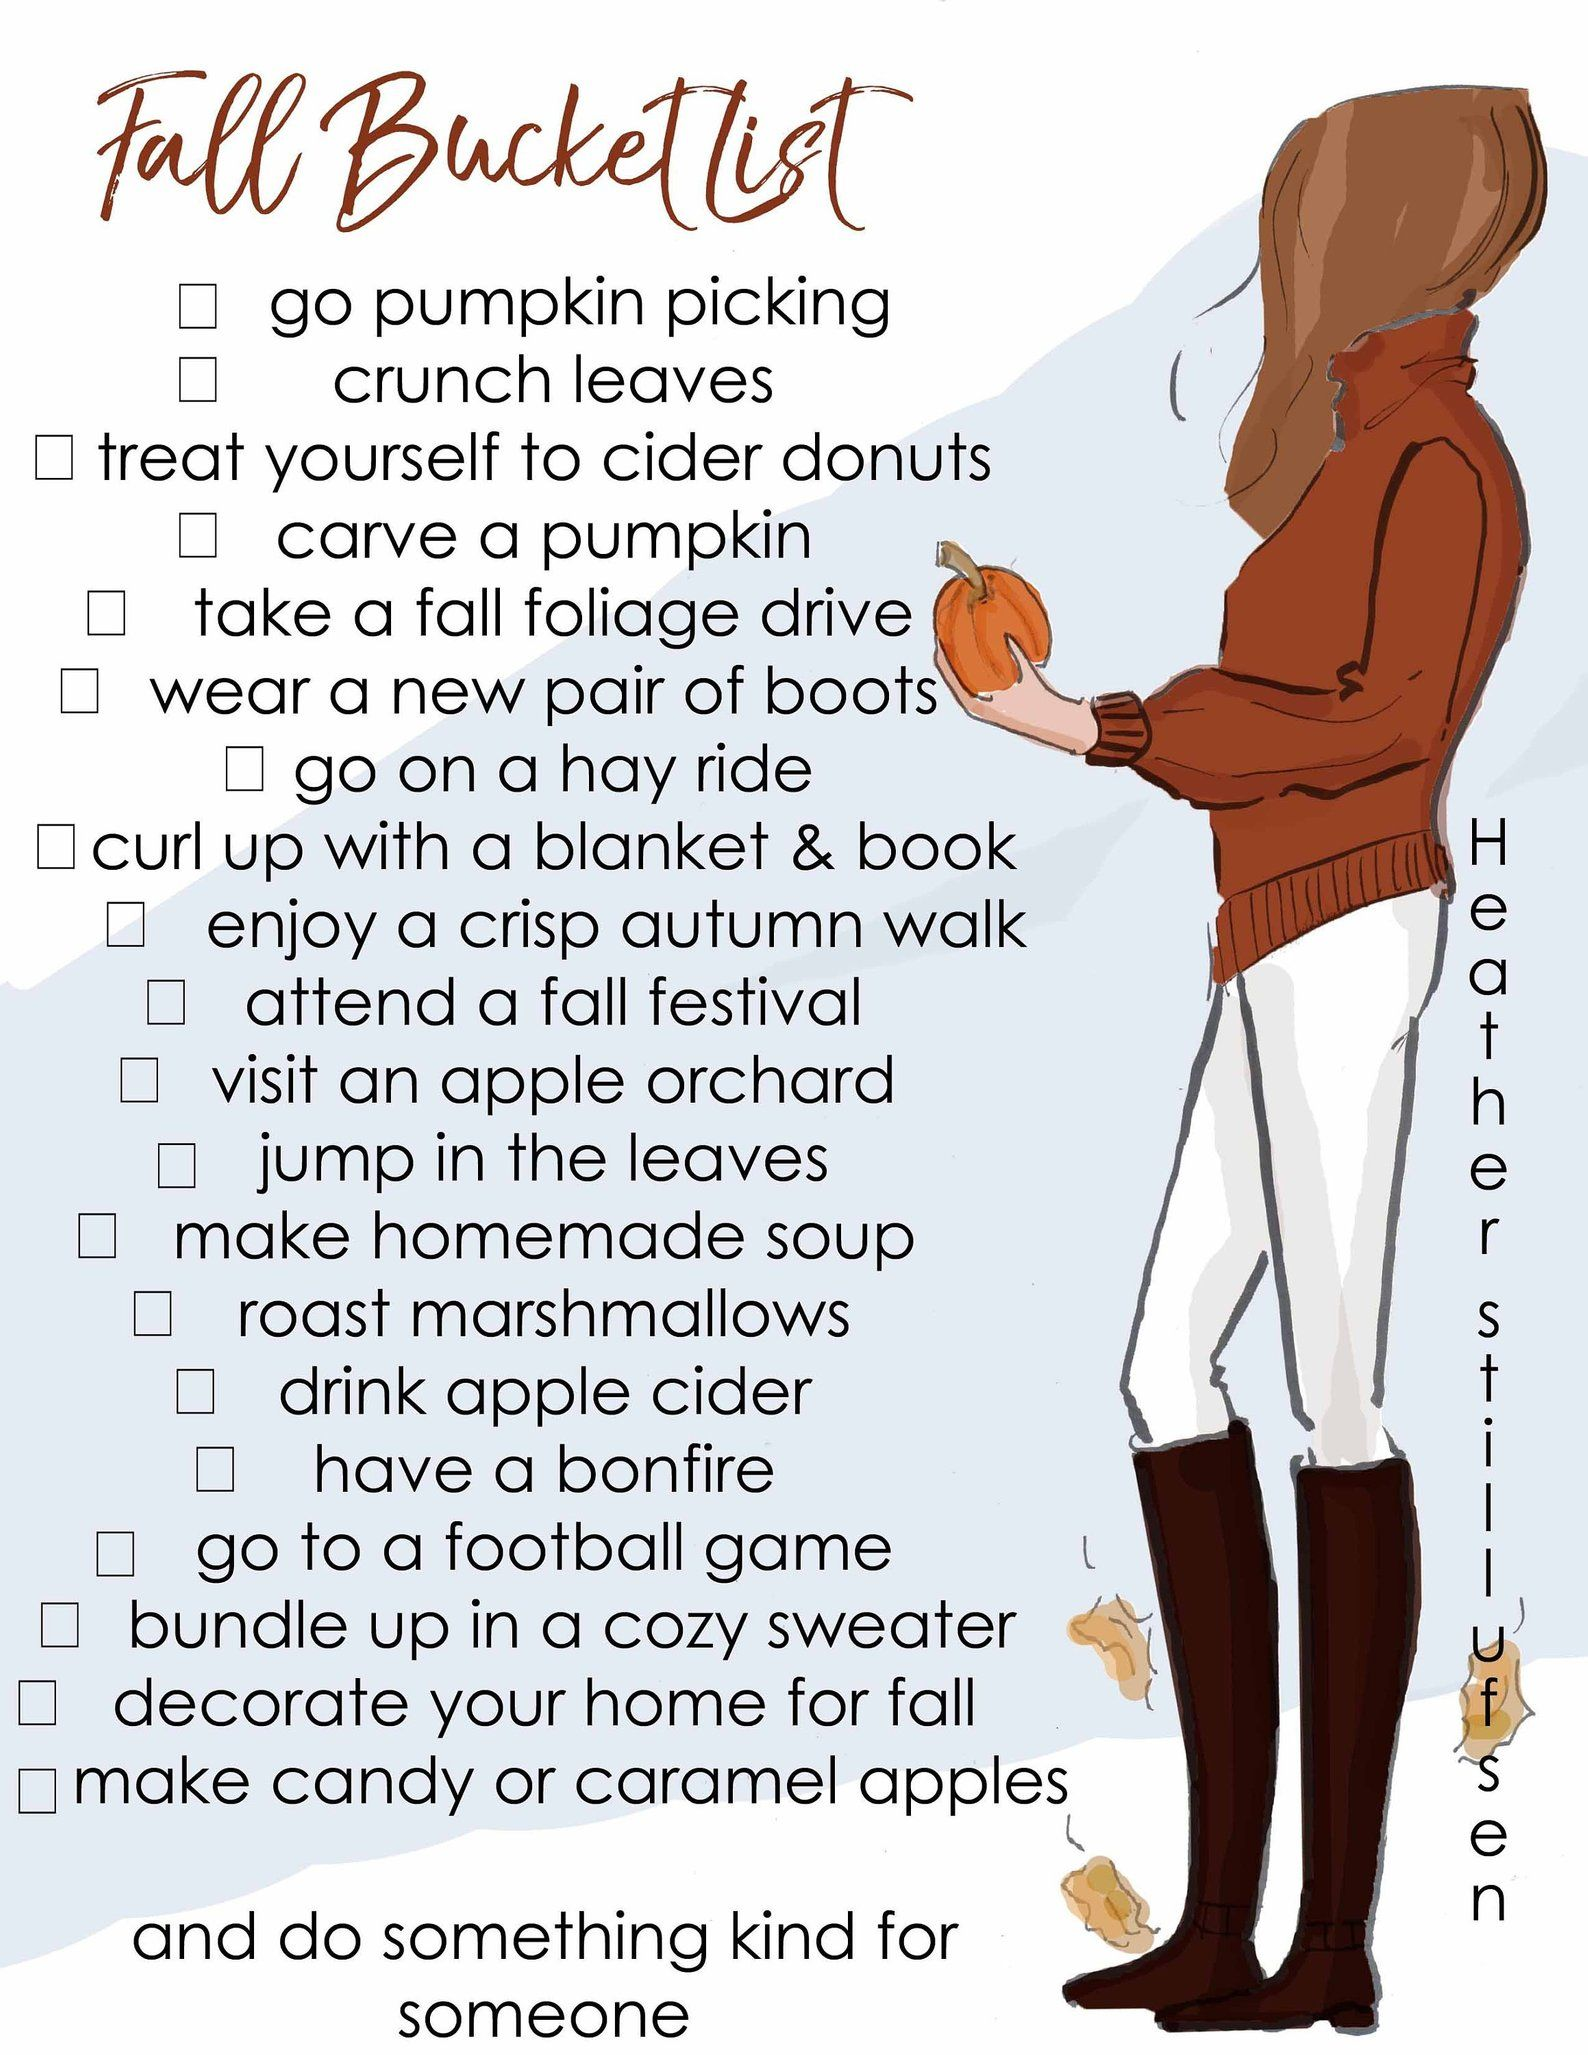 Fall Bucket List - Printable - Heather Stillufsen Autumn - Bucket List